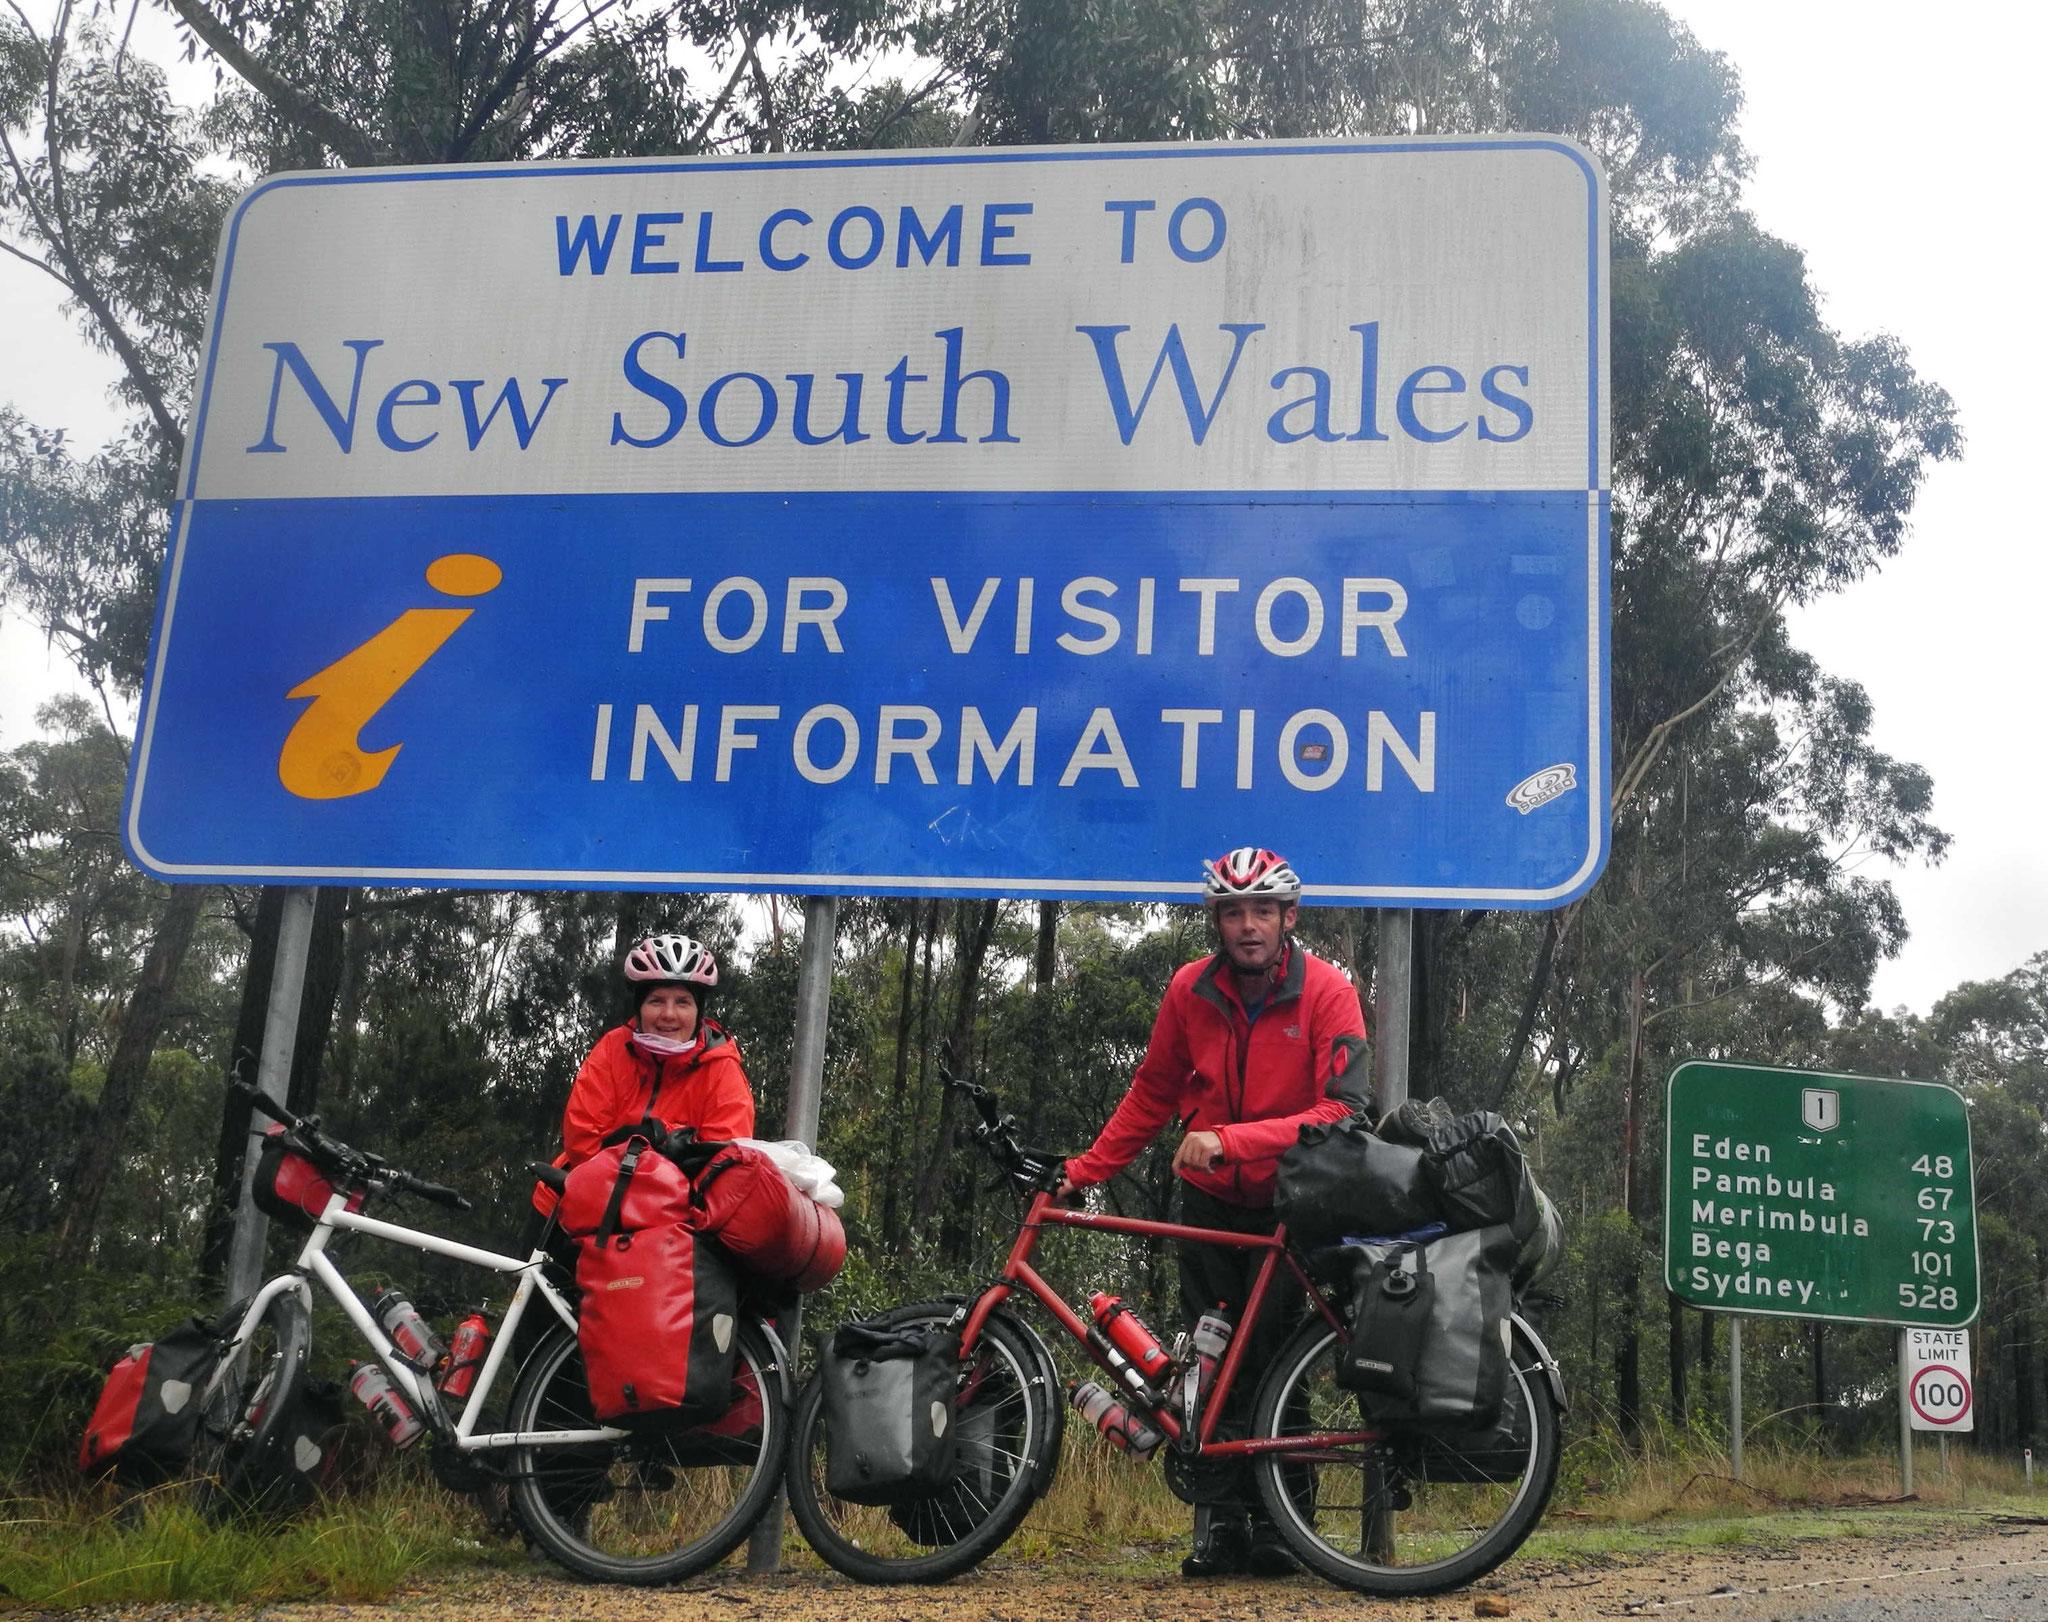 Nach Victoria kommt nun der Bundesstaat New South Wales